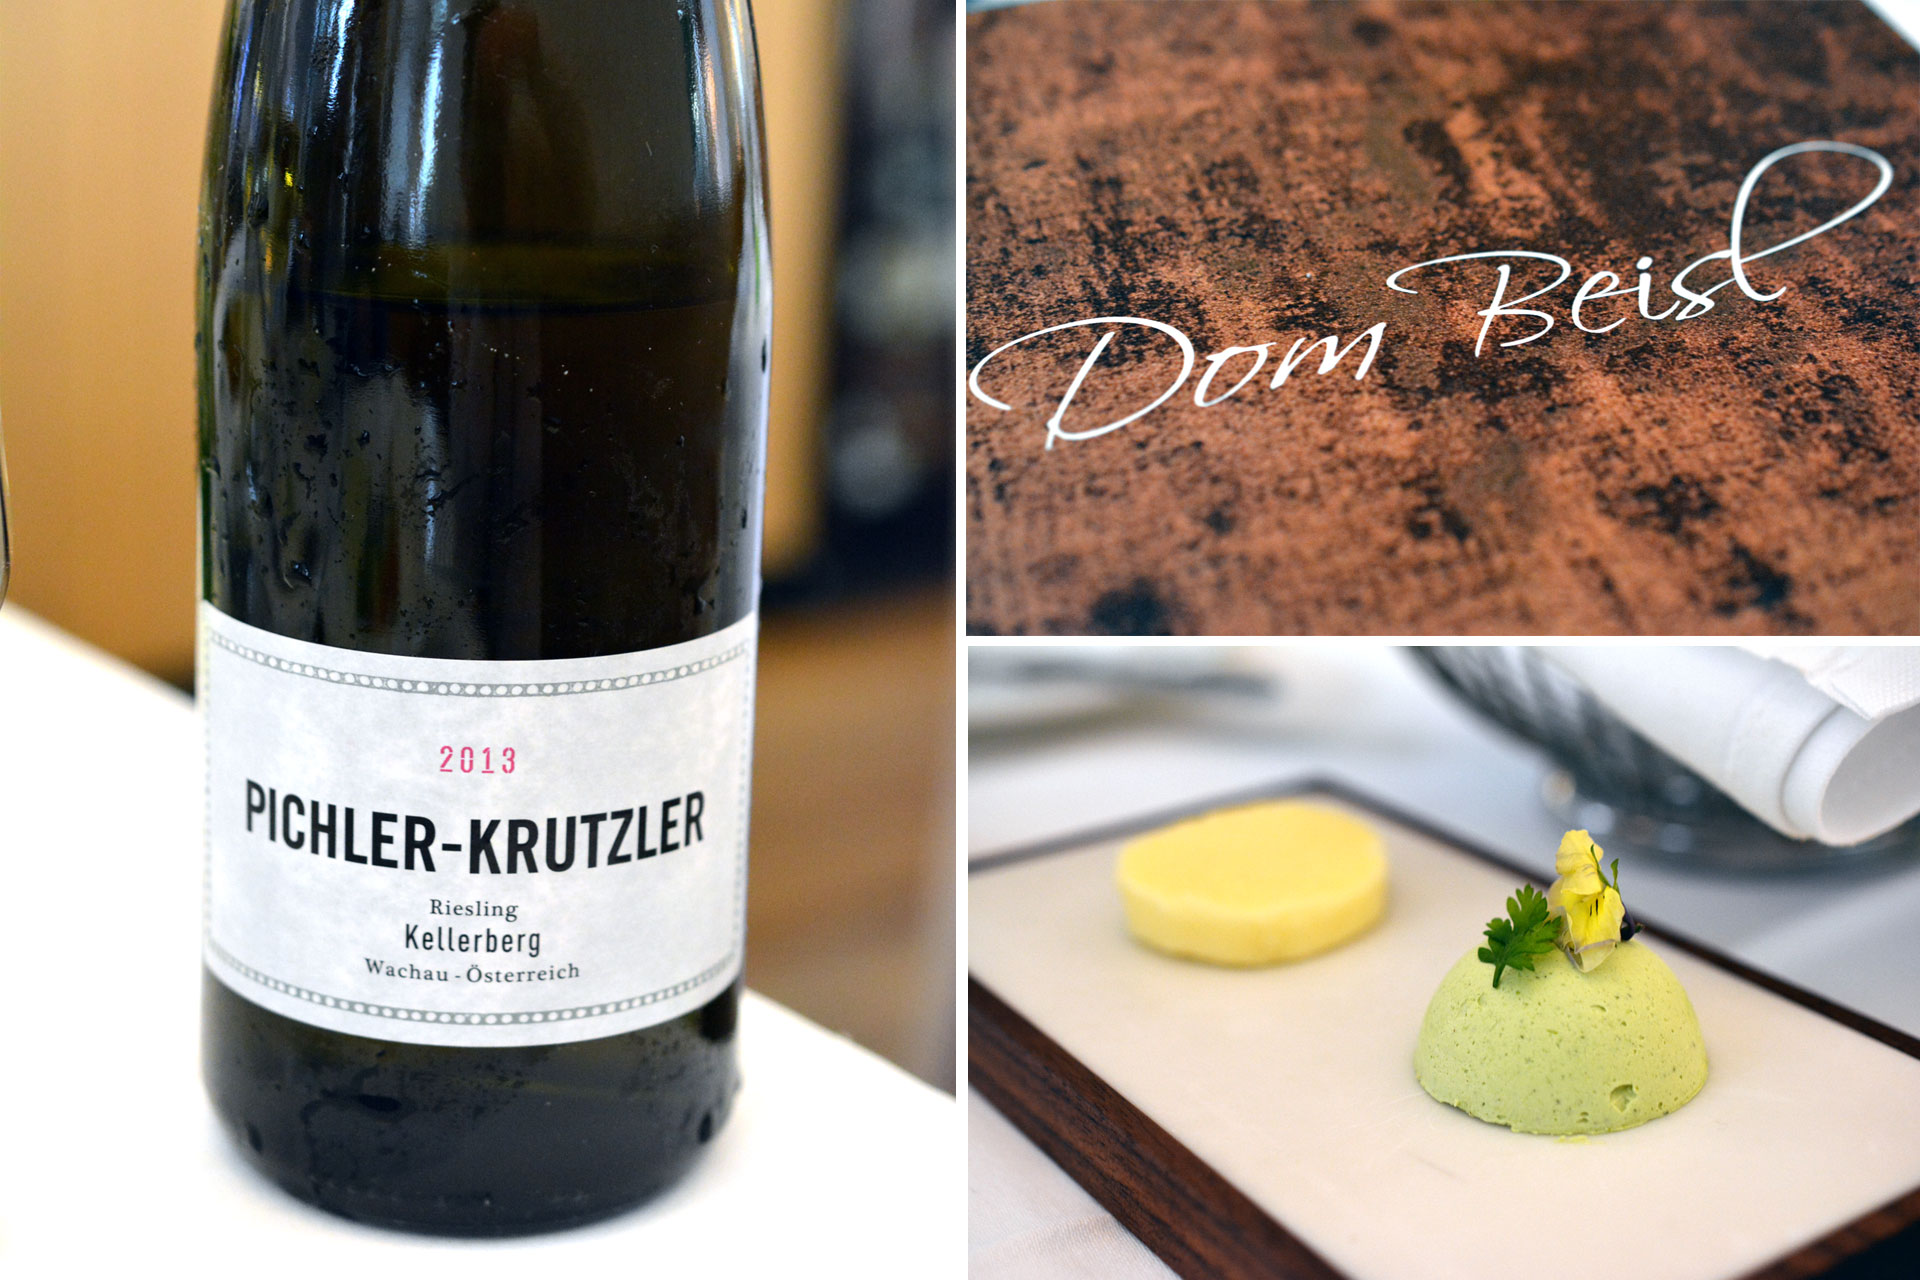 Dom Beisl Gedeck / Pichler-Krutzler Riesling